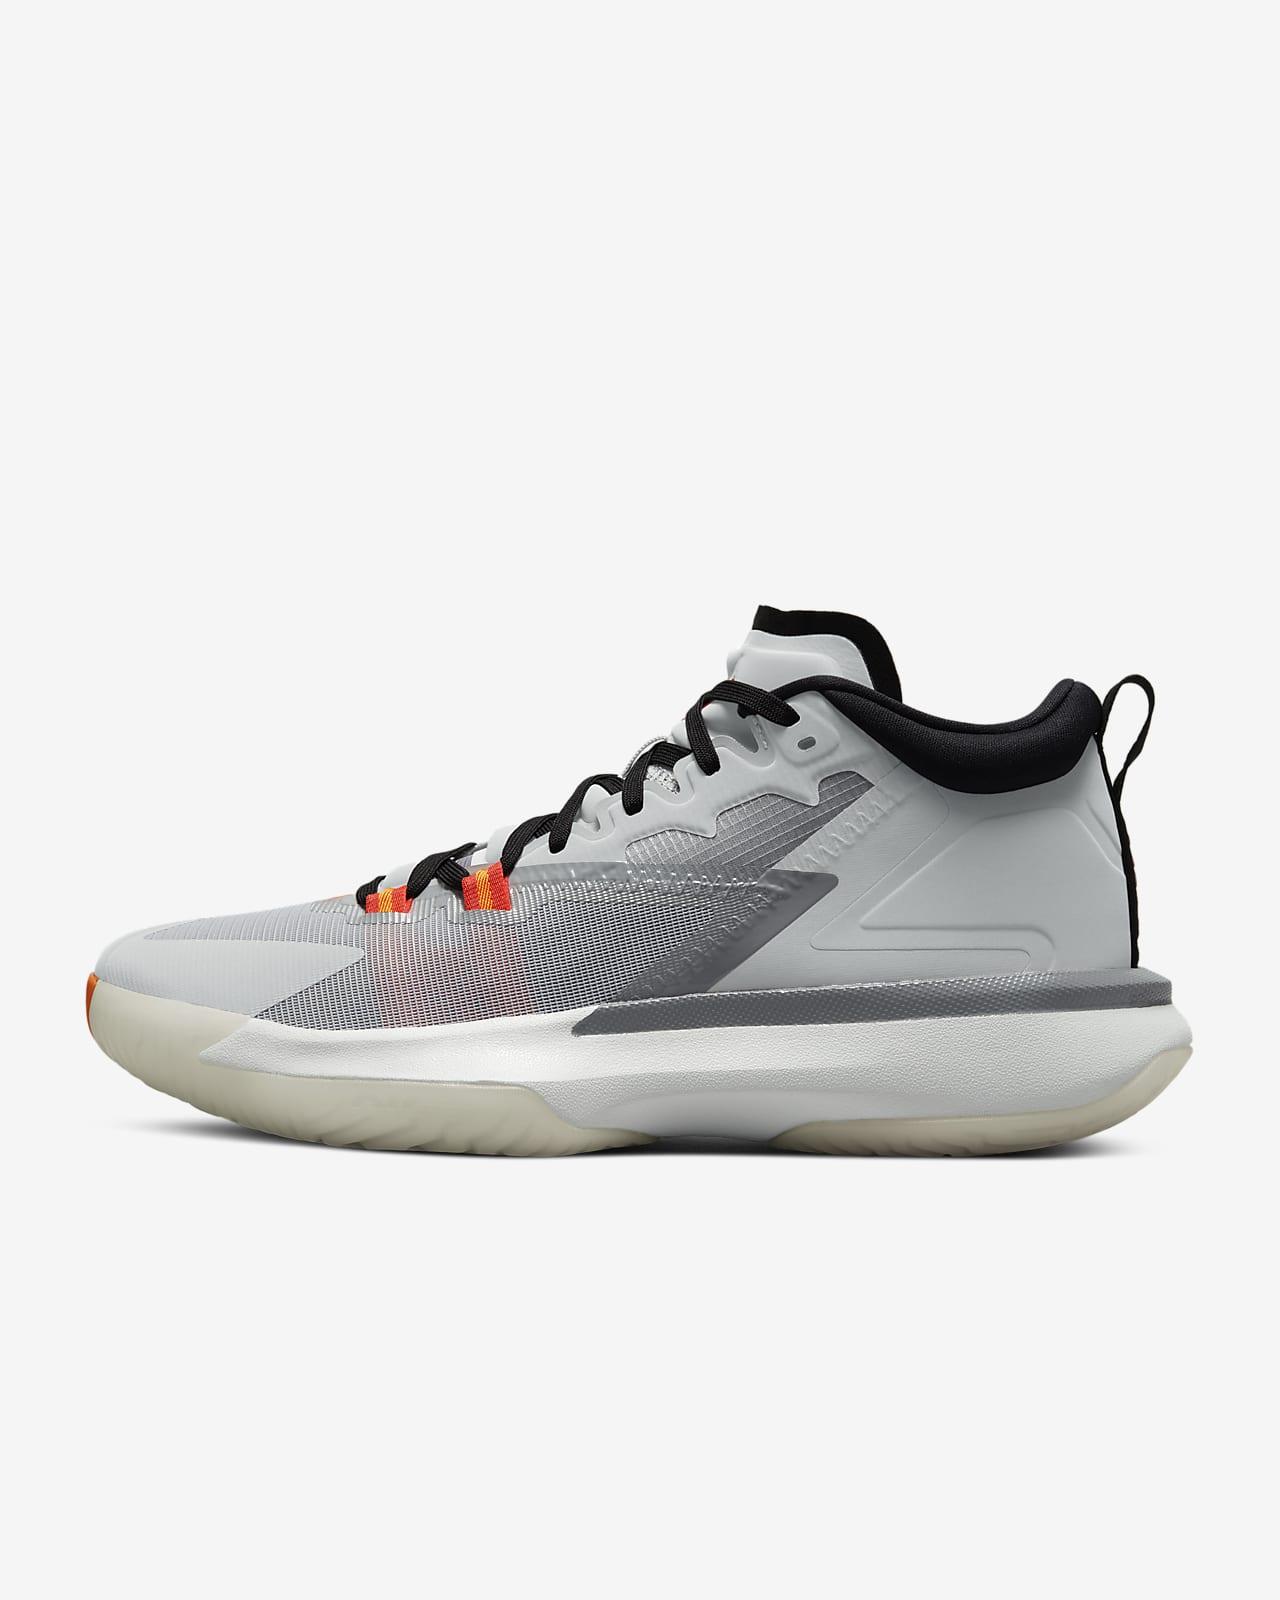 รองเท้าบาสเก็ตบอล Zion 1 PF